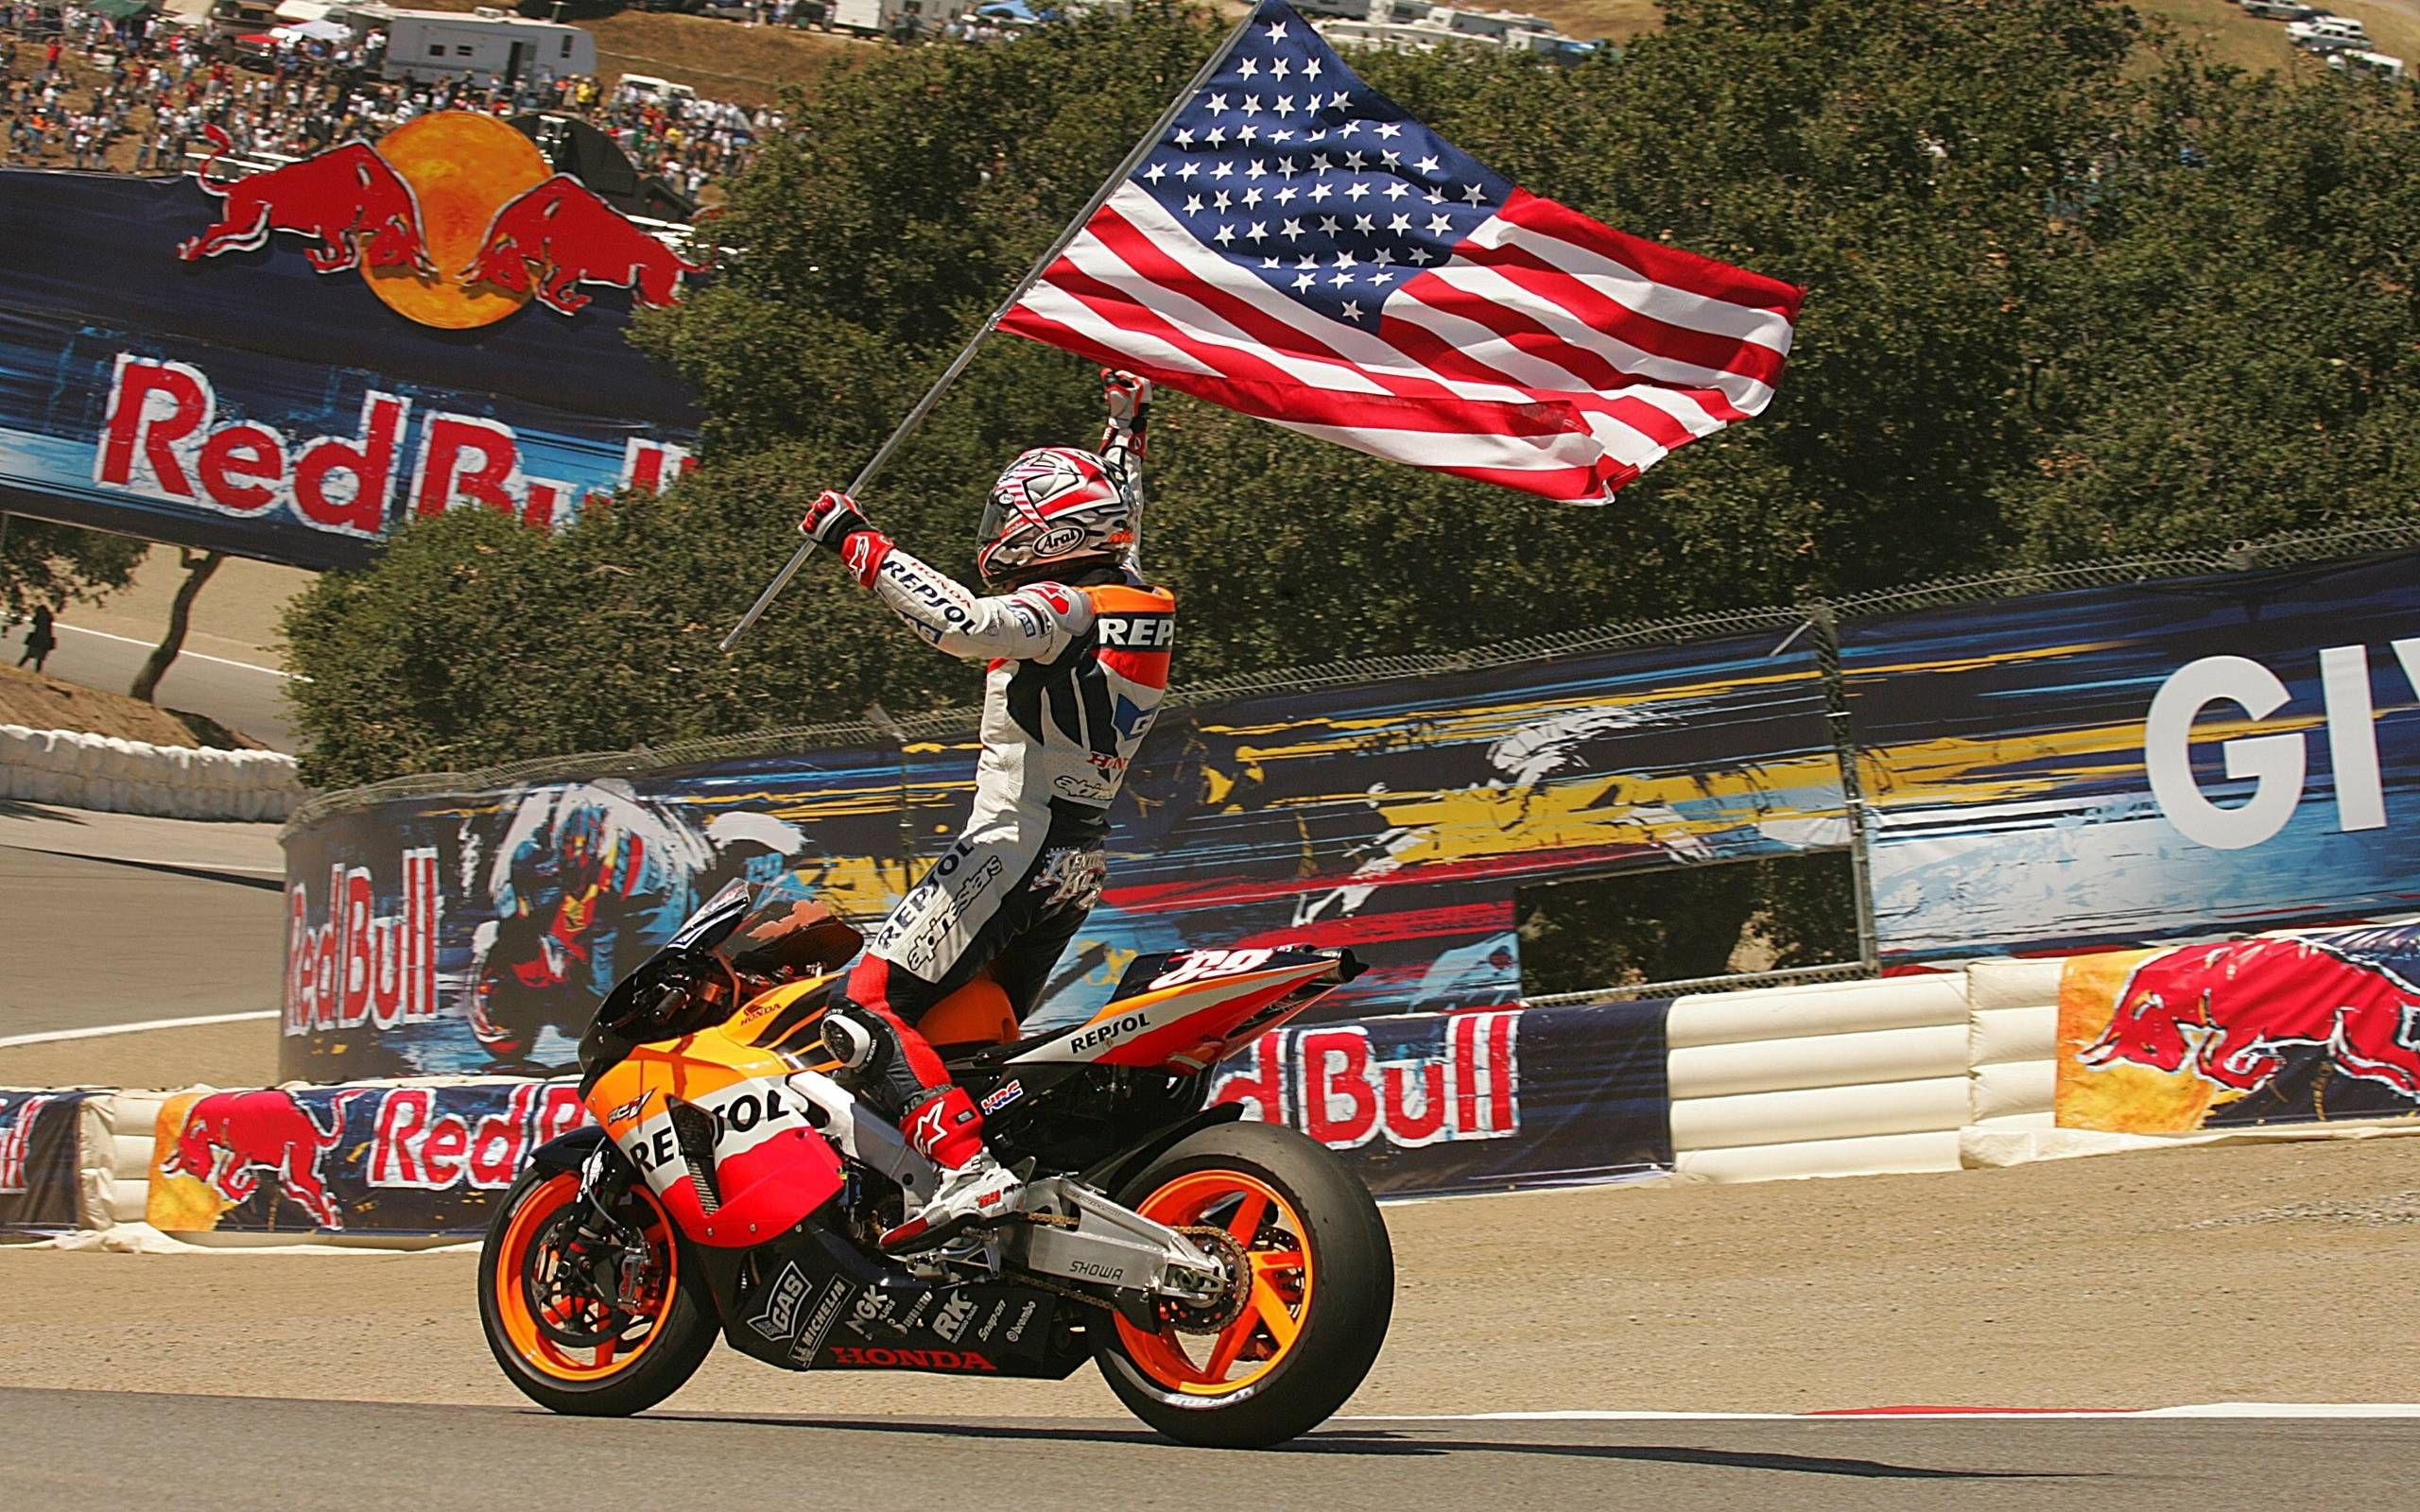 American Motogp Racer Nicky Hayden Dies